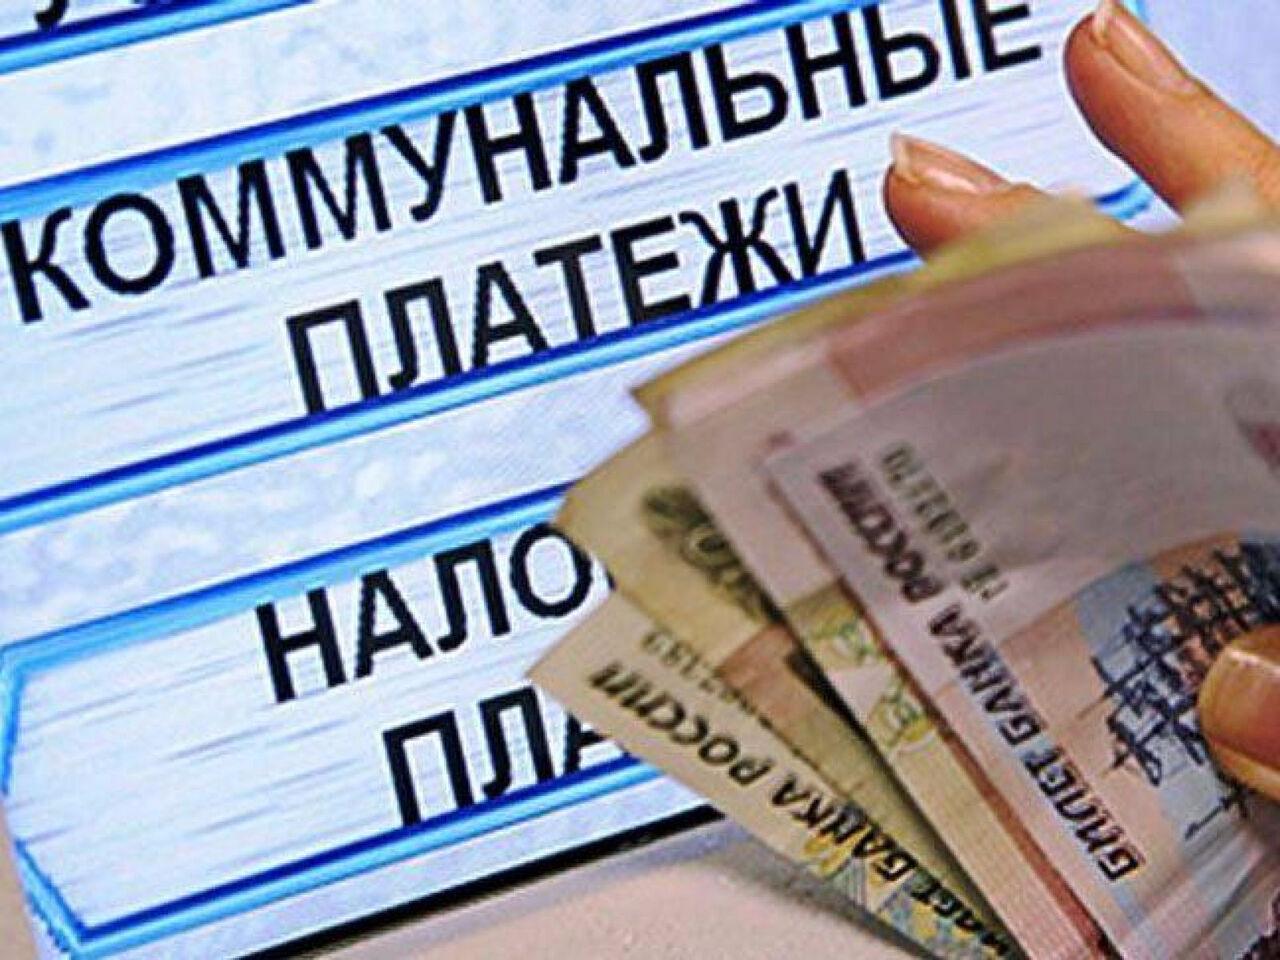 оплачивать коммунальные платежи до вступления в наследство люди ведали